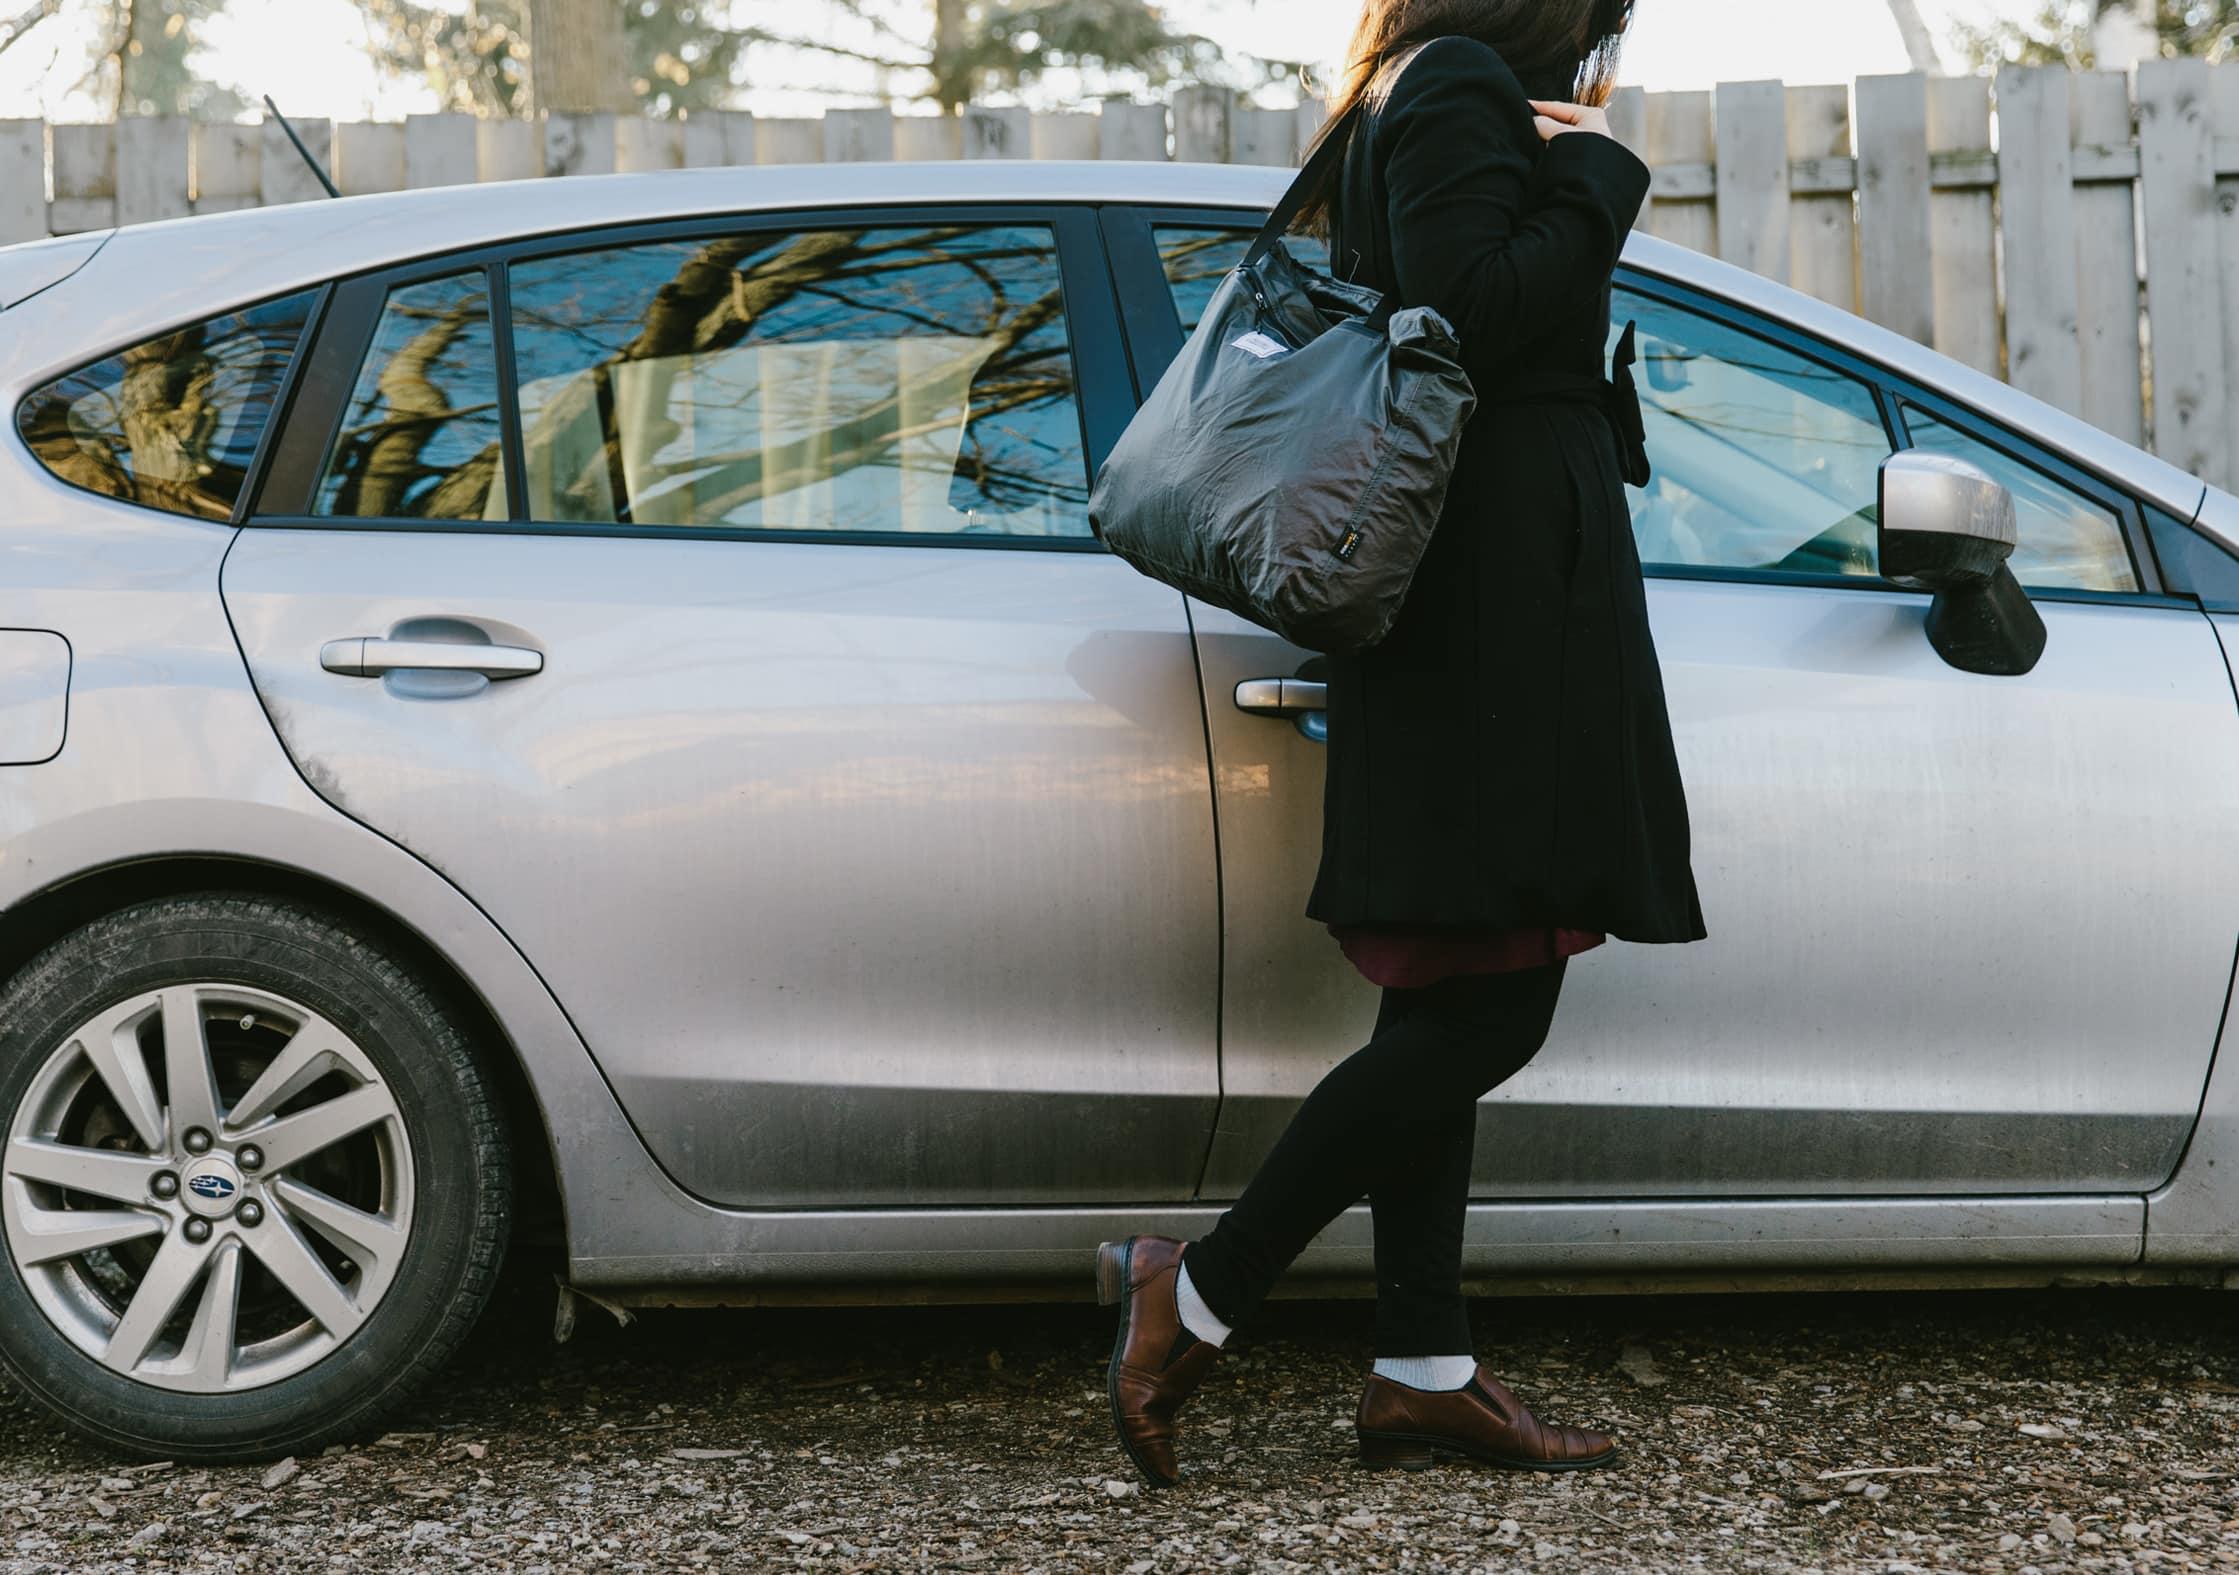 Matador Transit Tote Bag Usage by a Car